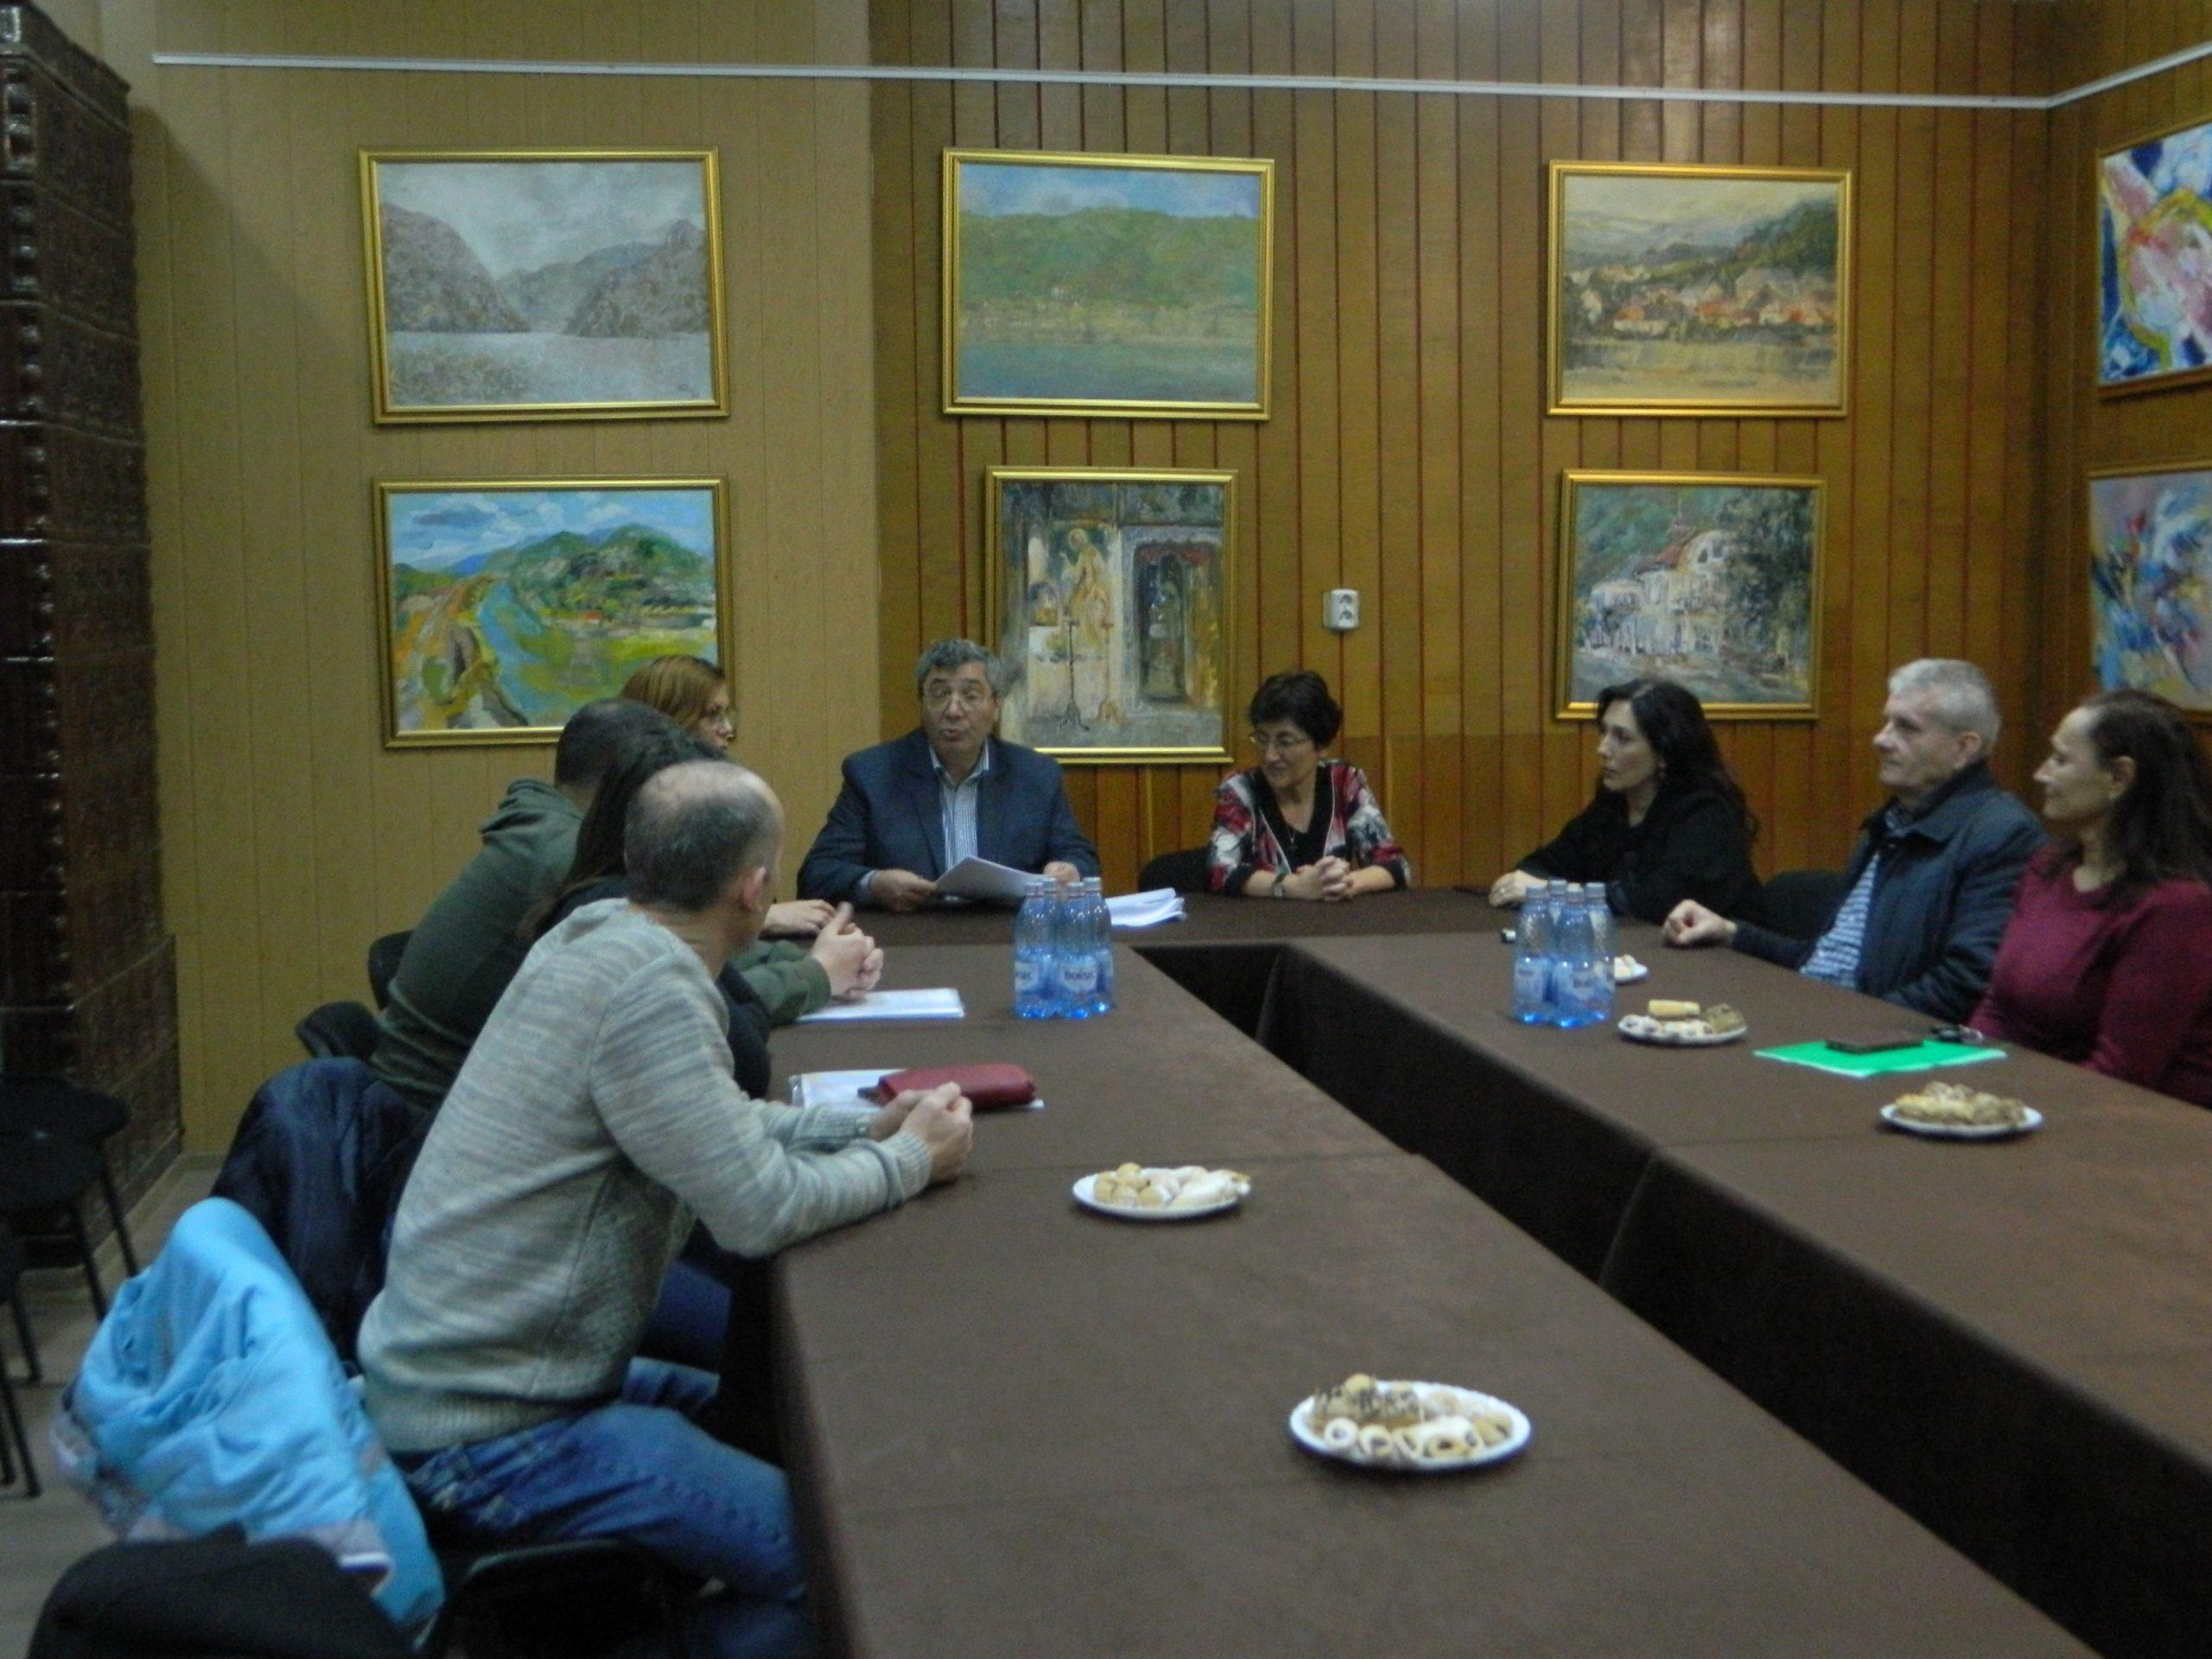 Primăria Călimăneşti, continuă proiectul de combatere a sărăciei şi excluziunii sociale în comunitatea Jiblea Veche